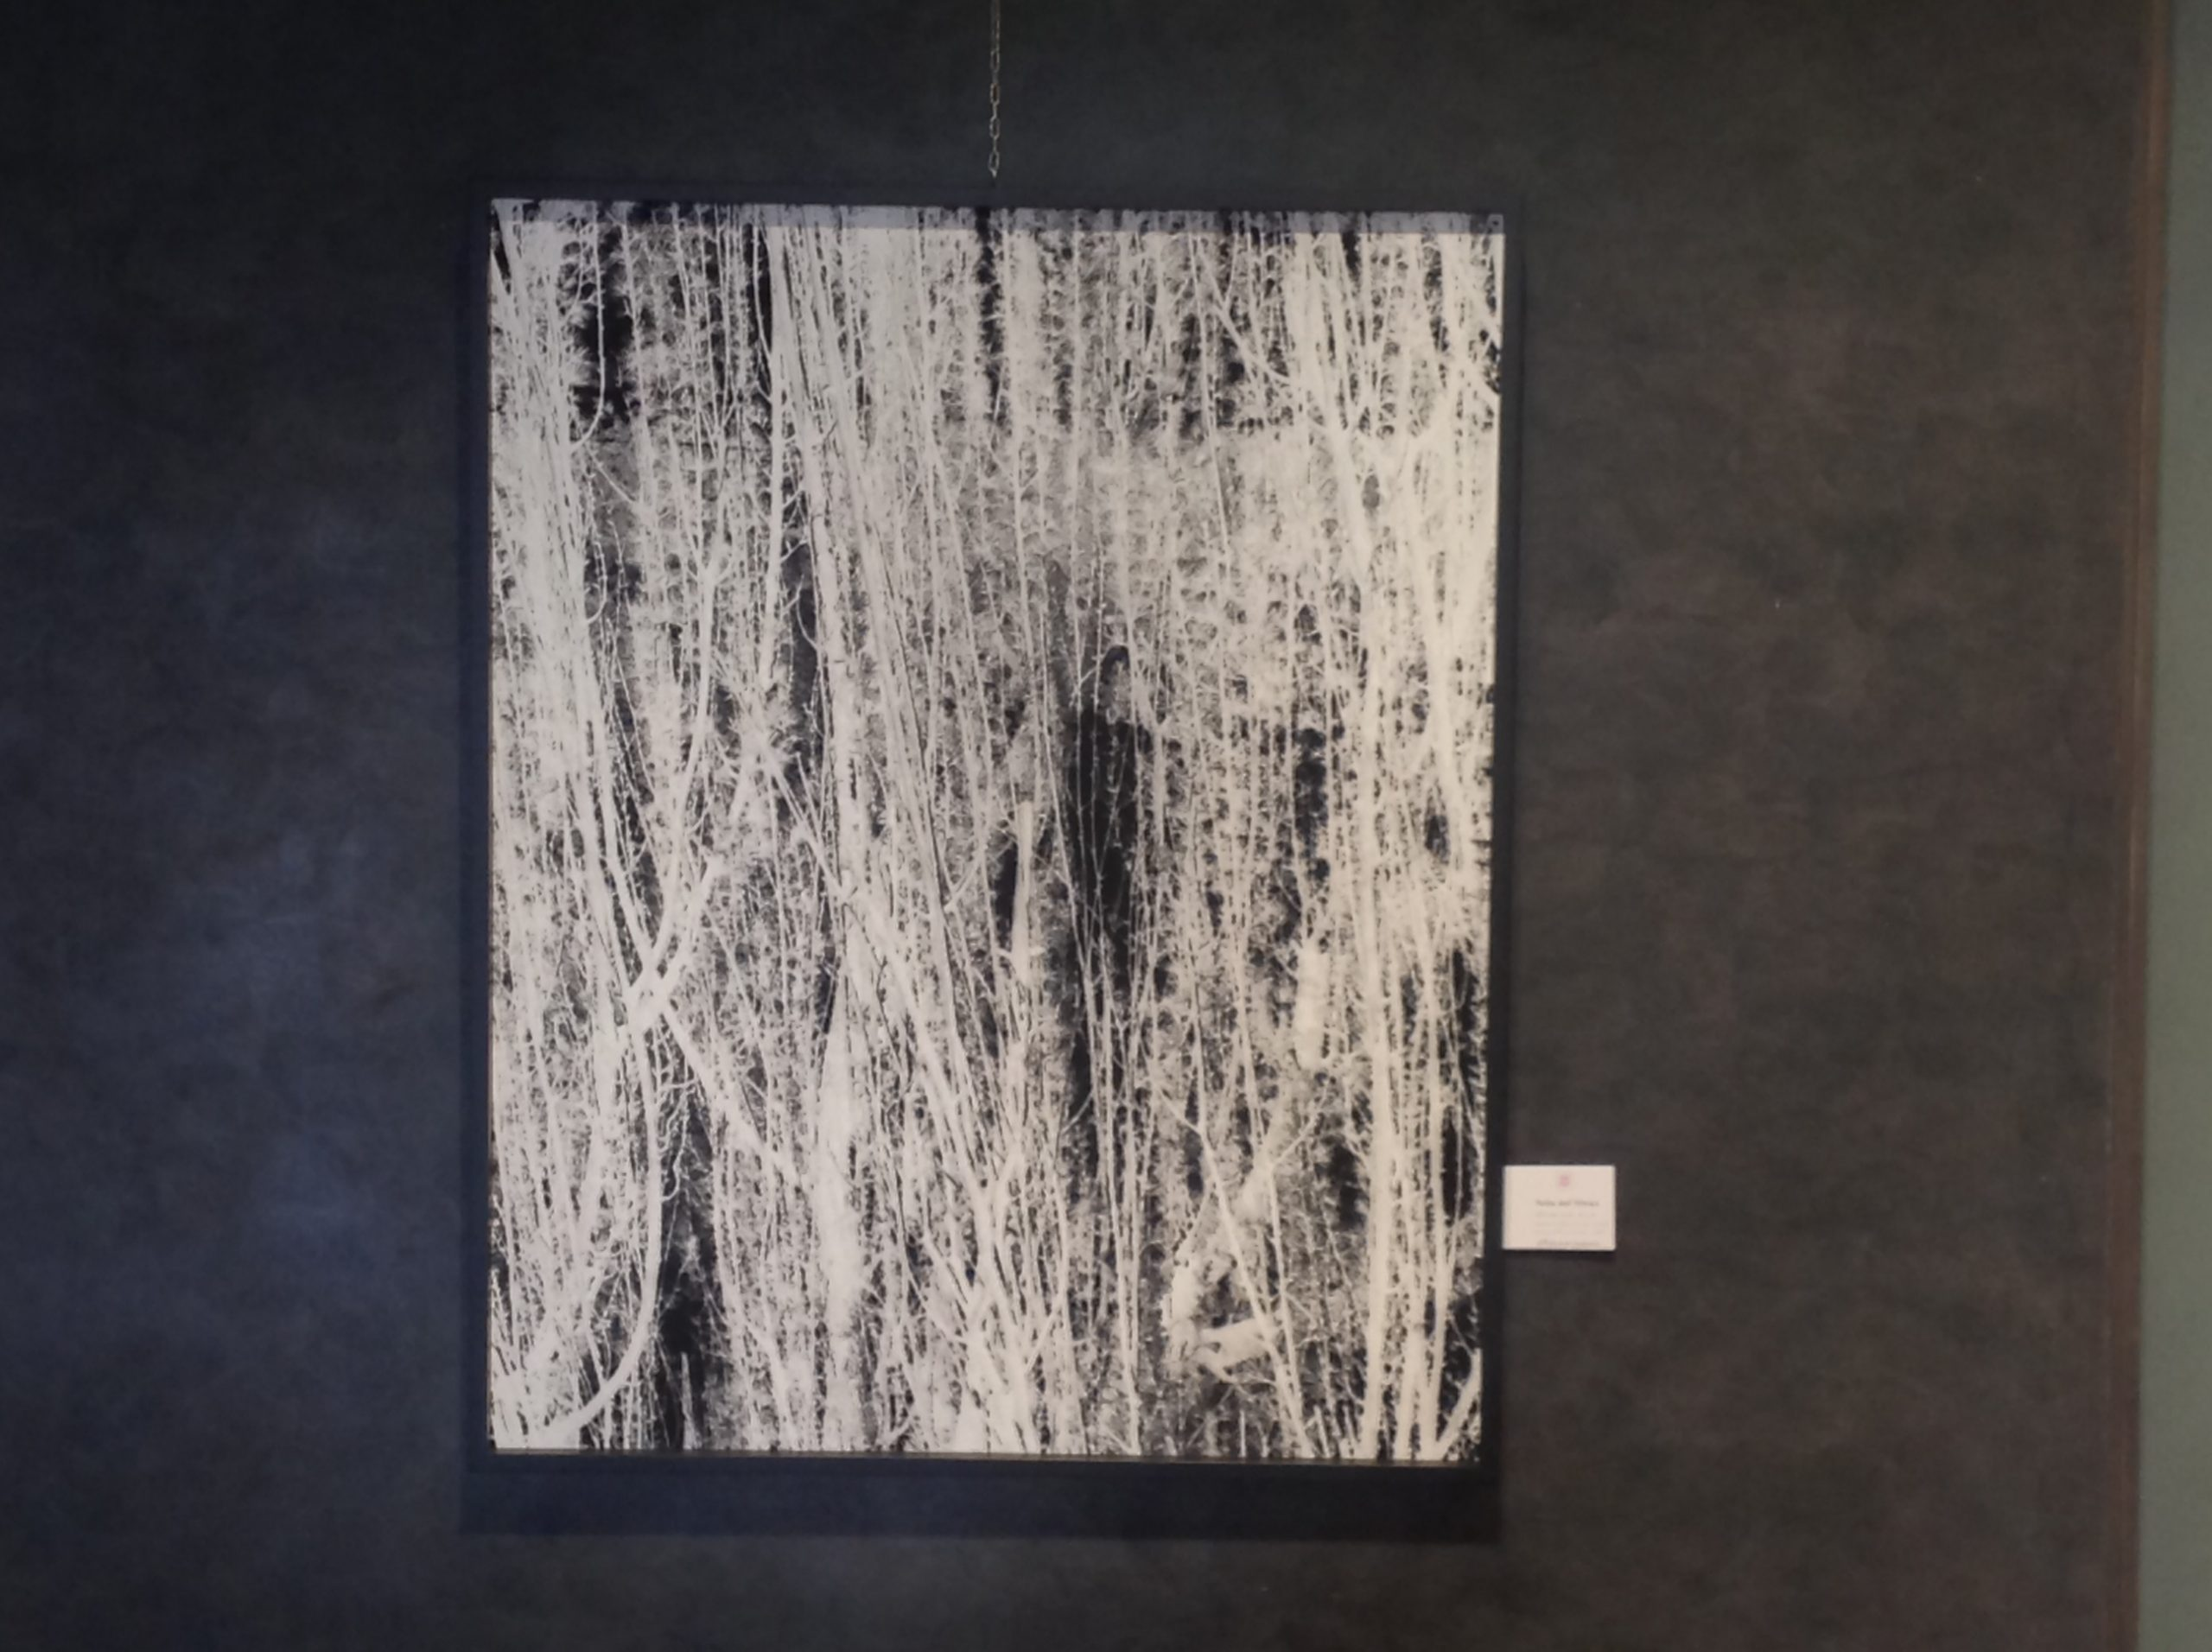 Riccardo Squillantini, Rumori silenziosi, mostra personale, a cura di Alain Chivilò_Casa dei Carraresi_Treviso (12)